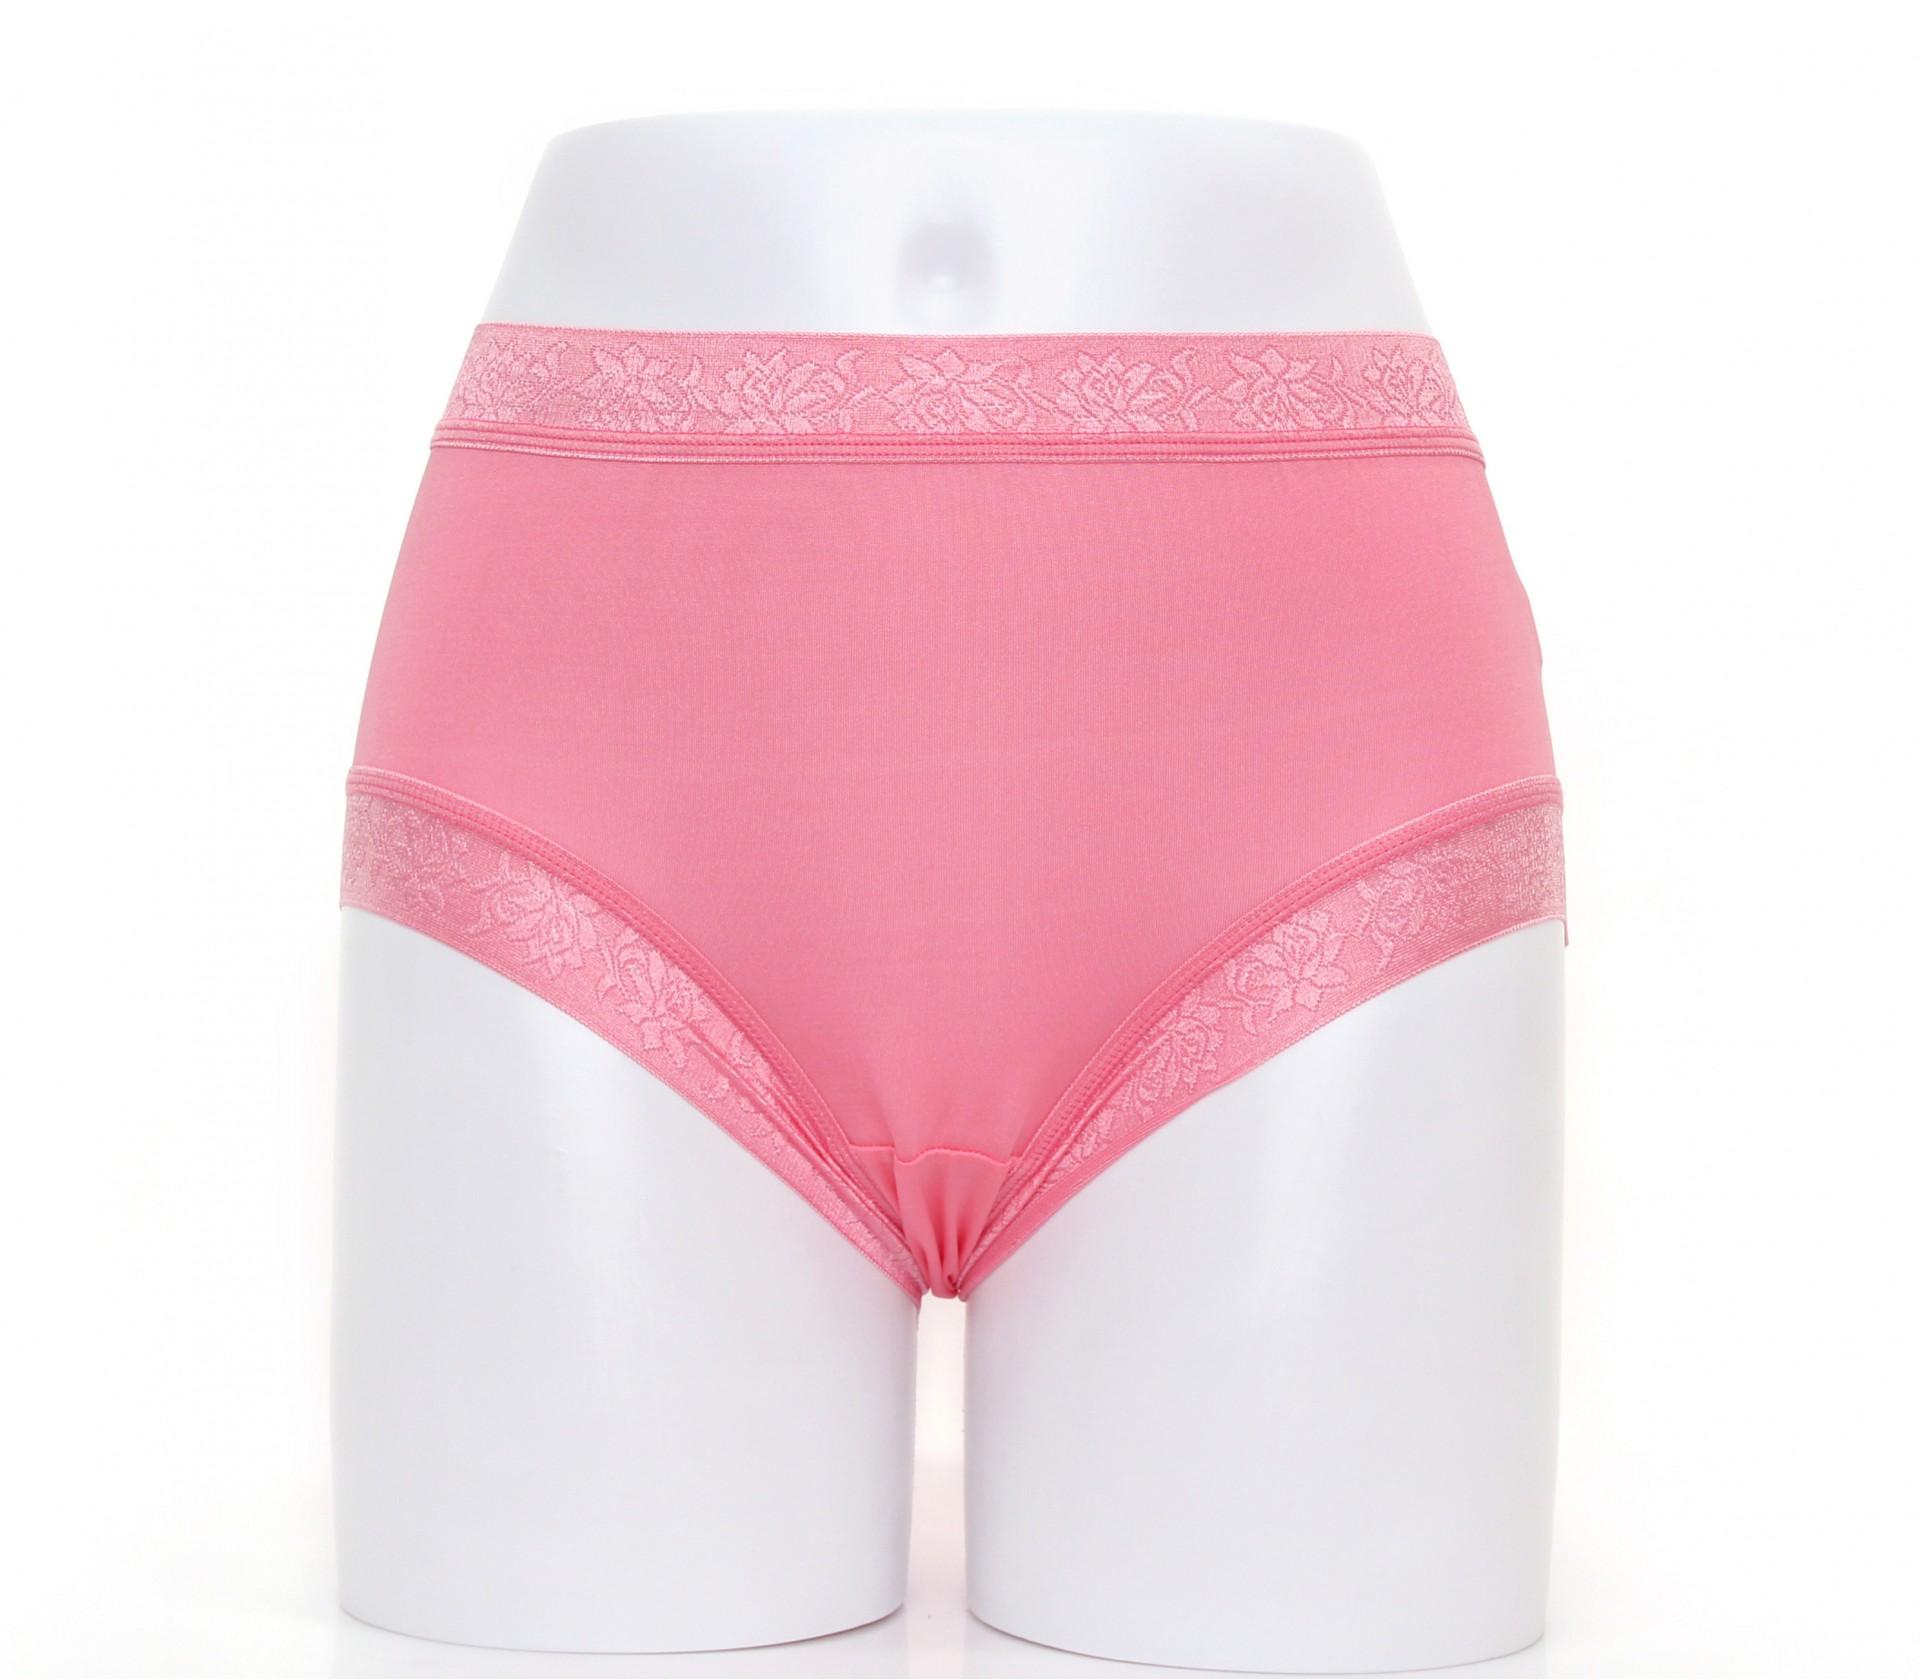 闕蘭絹舒適無痕100%蠶絲內褲-88902(粉)